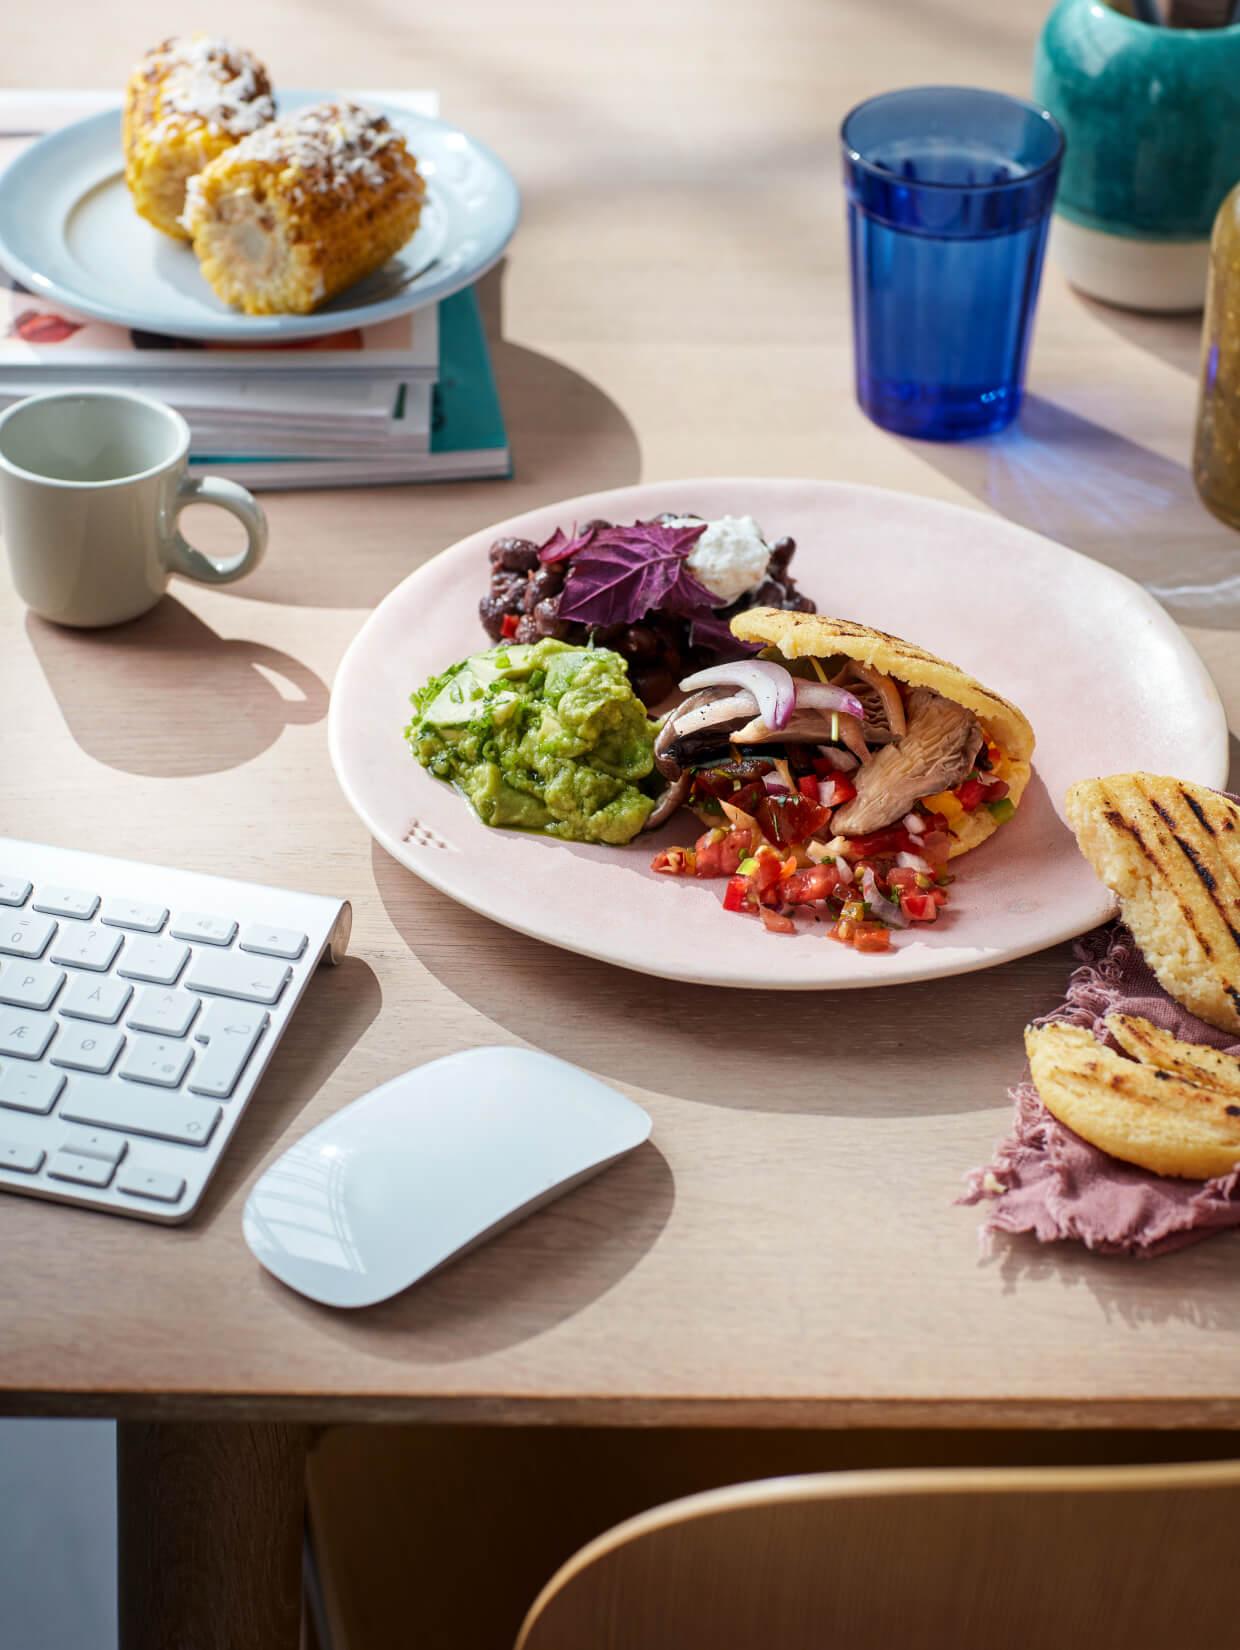 Frokosttallerken på skrivebord med skygger